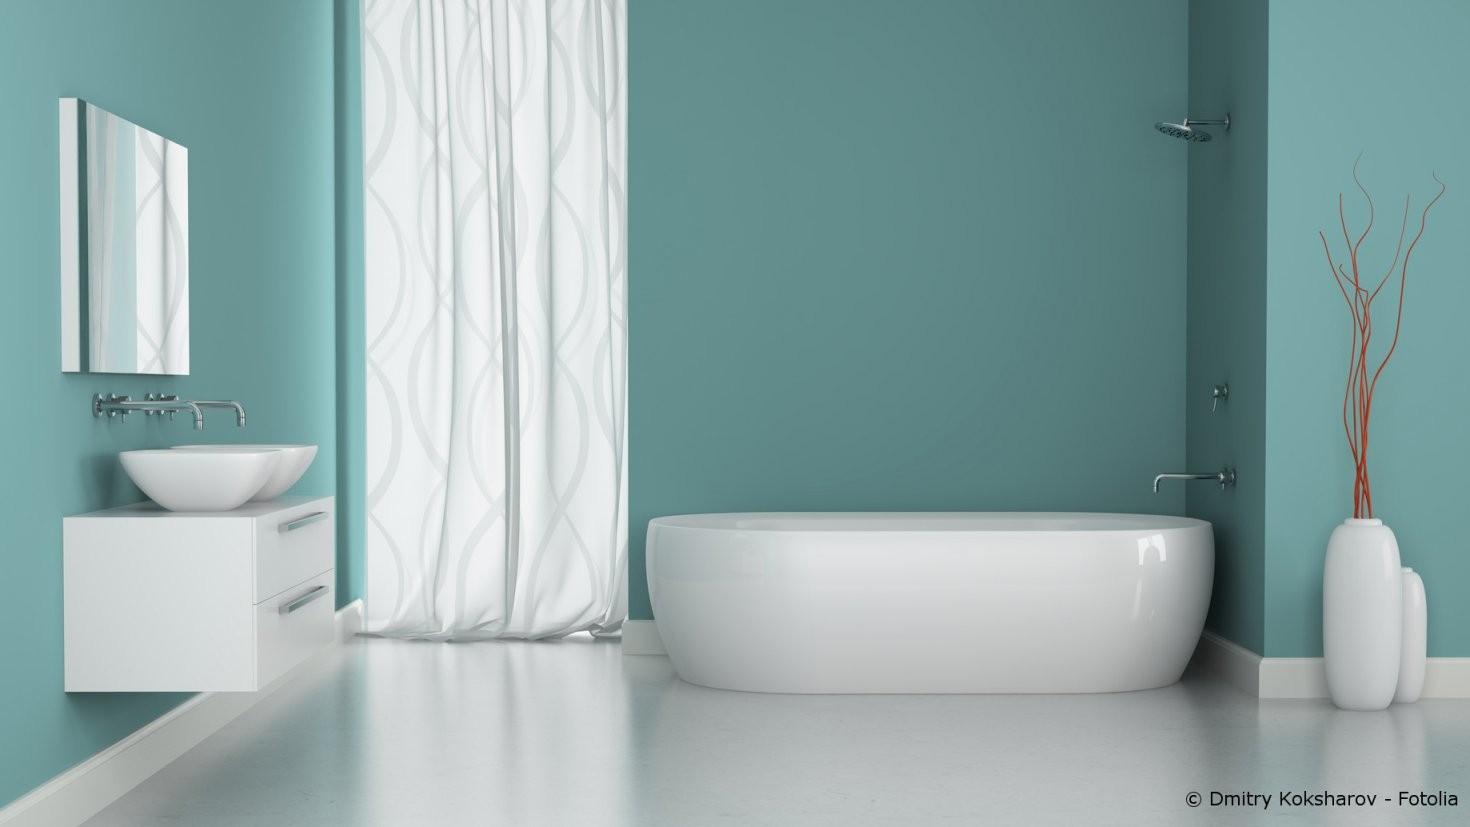 Feuchtigkeitsschutz Im Bad  Streichen Oder Tapezieren  Maler Und von Wasserfeste Tapete Fürs Bad Bild